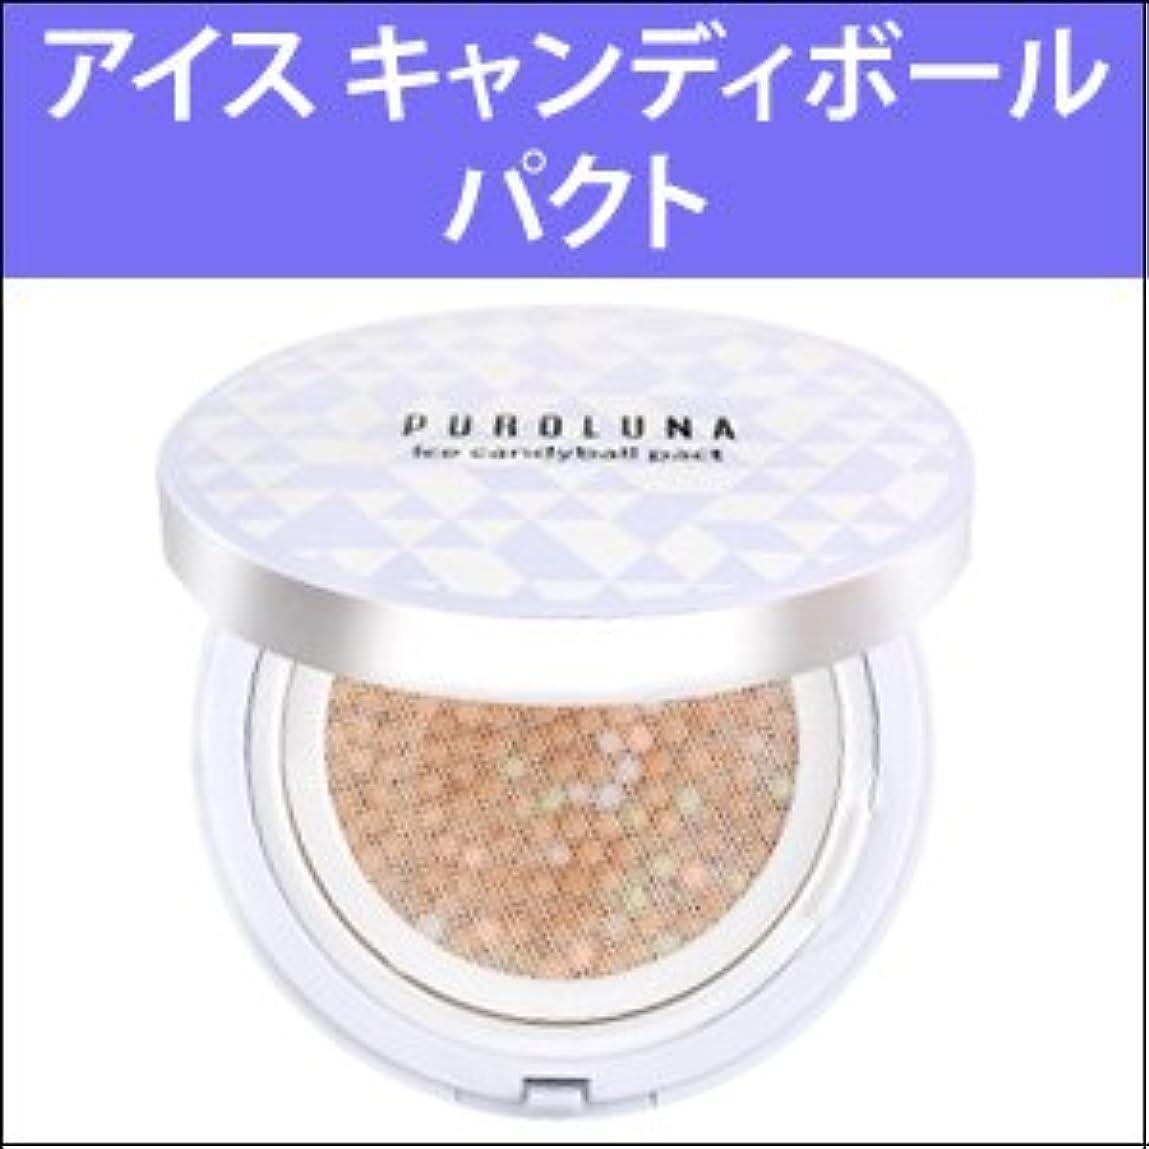 鉄道研究ワイプ『PUROLUNA?プロルナ』 アイス キャンディボール パクト(SPF50+/PA+++) カラー:1号 バニラ